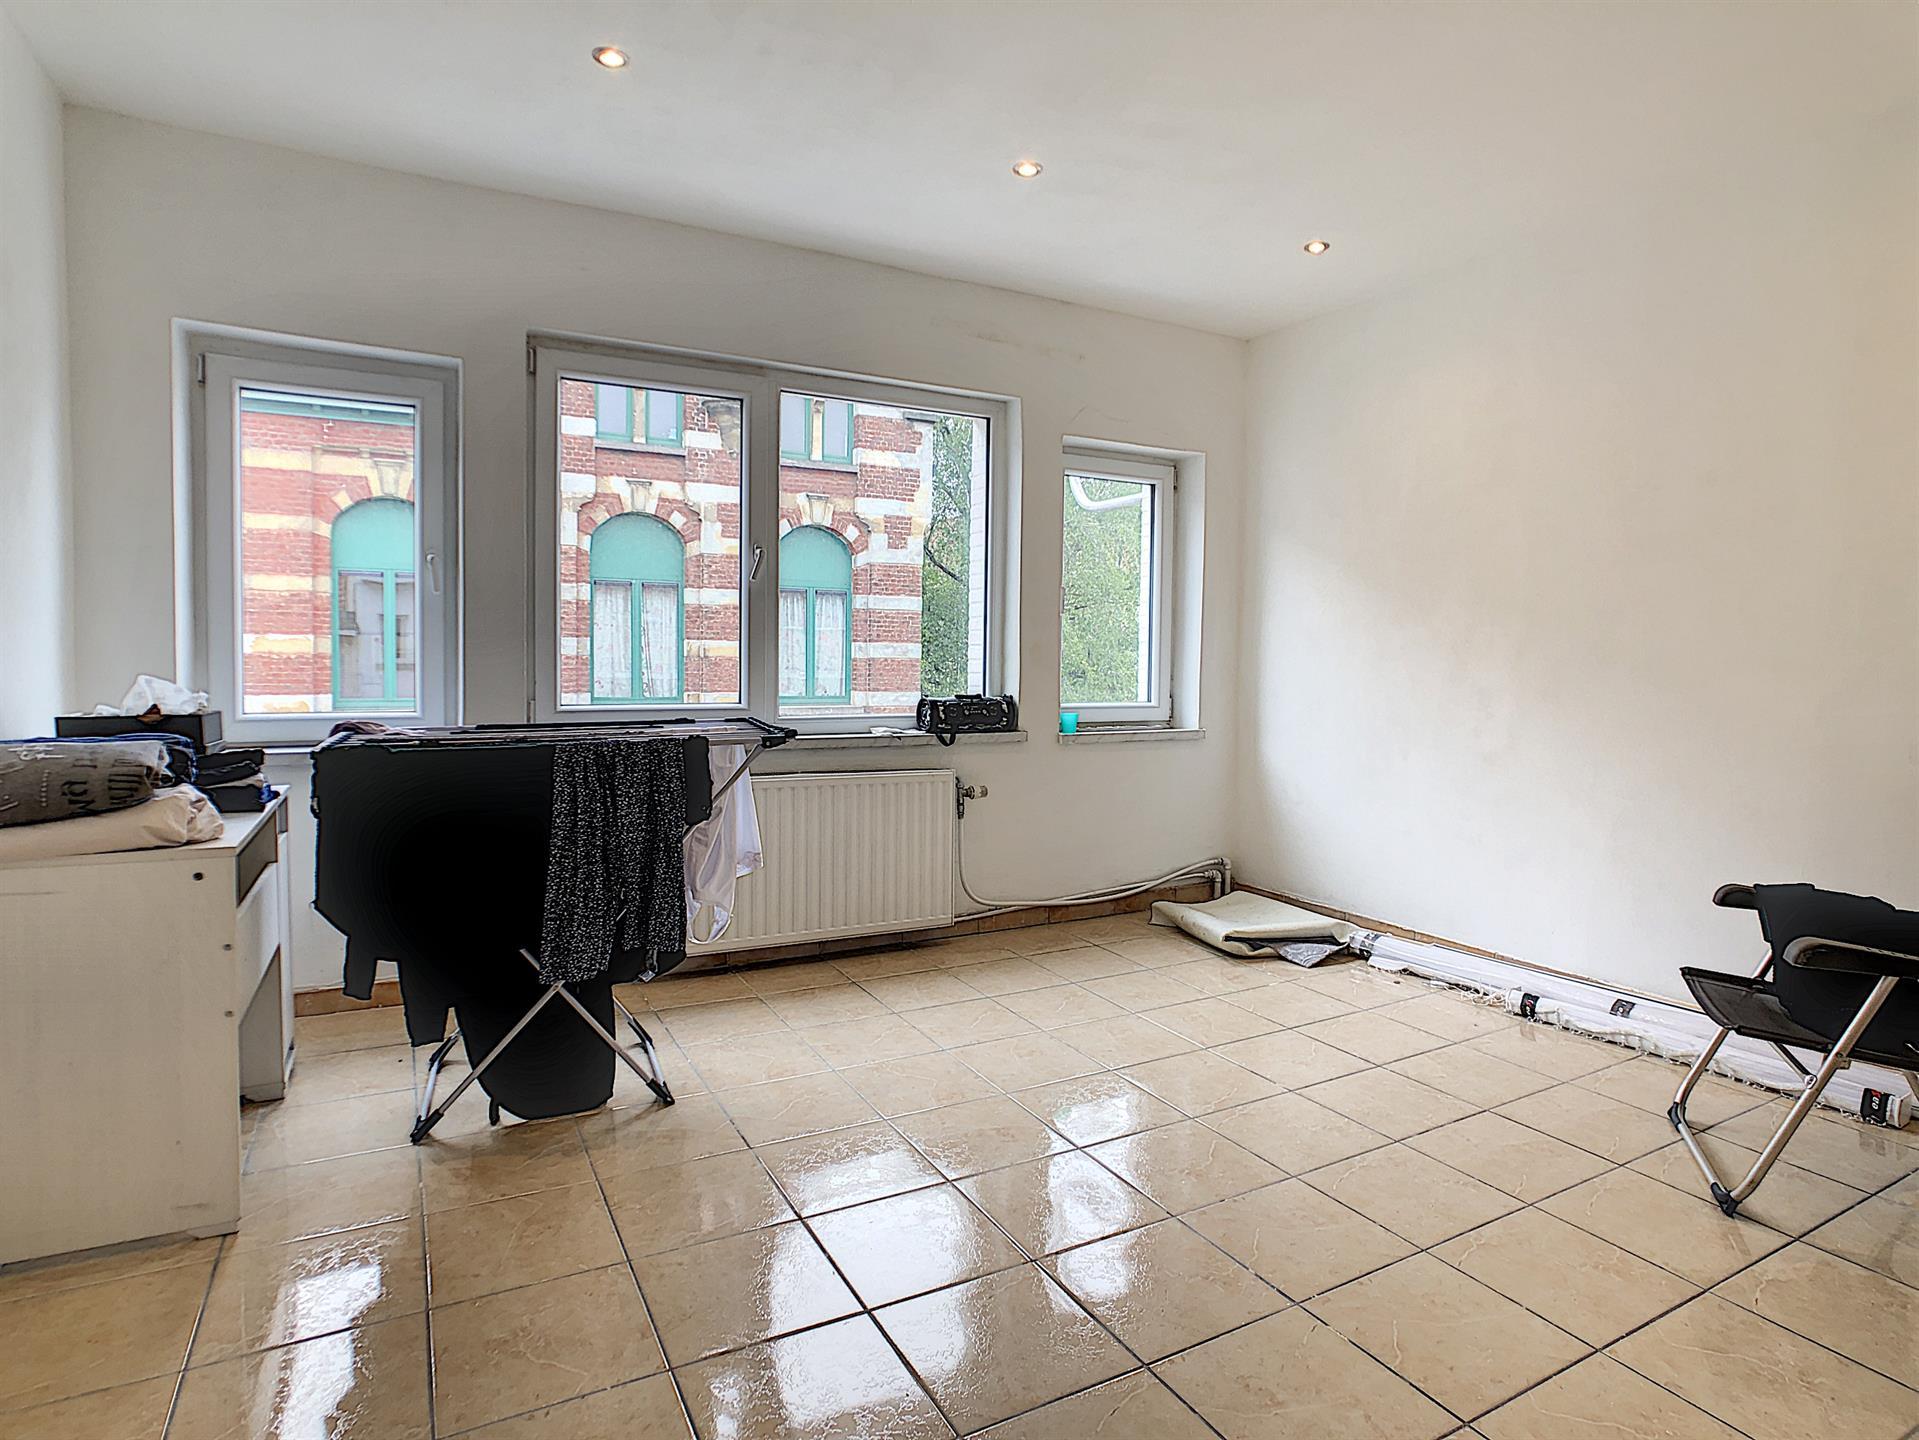 Maison unifamiliale - Anderlecht - #4367741-4